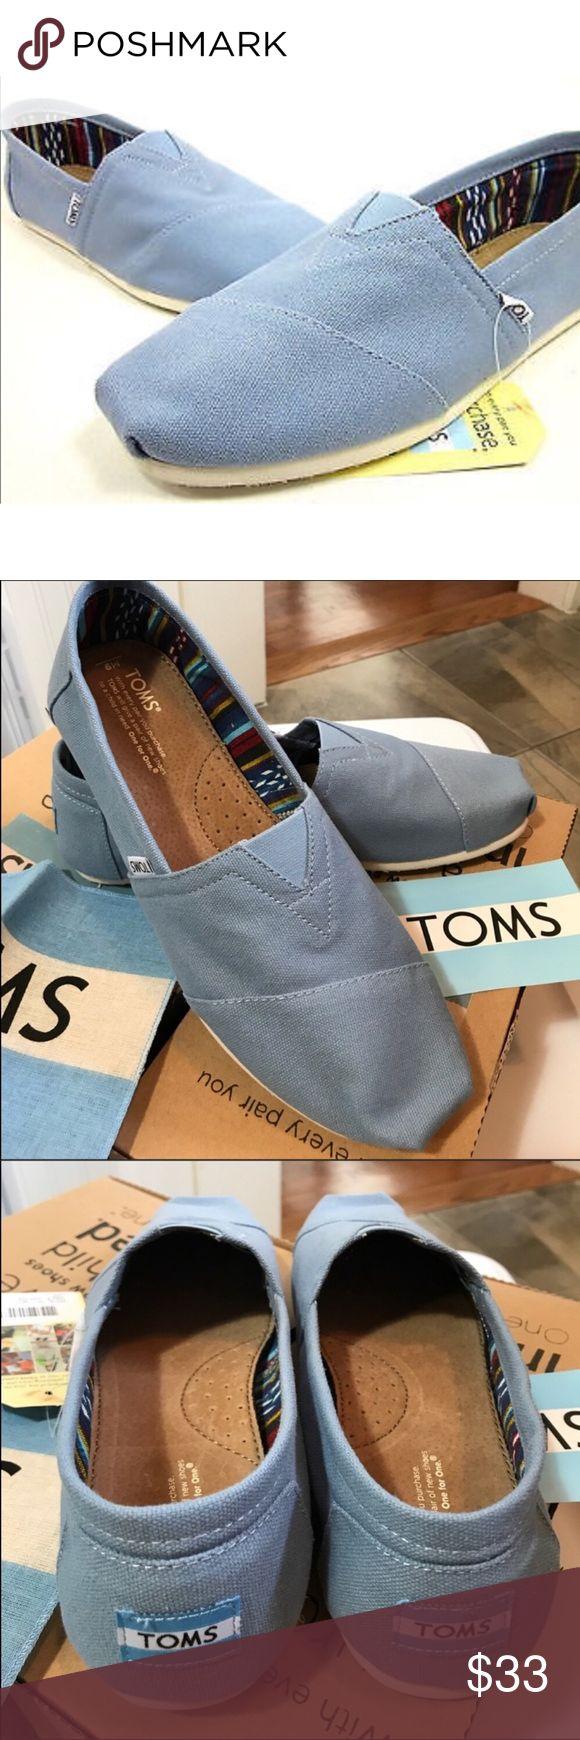 TOMS classics Dusk Blue Men's canvas shoe size 13 TOMS classics Dusk Blue Men's canvas shoe. New in box. TOMS classics Dusk Blue Men's canvas shoe size 13 Toms Shoes